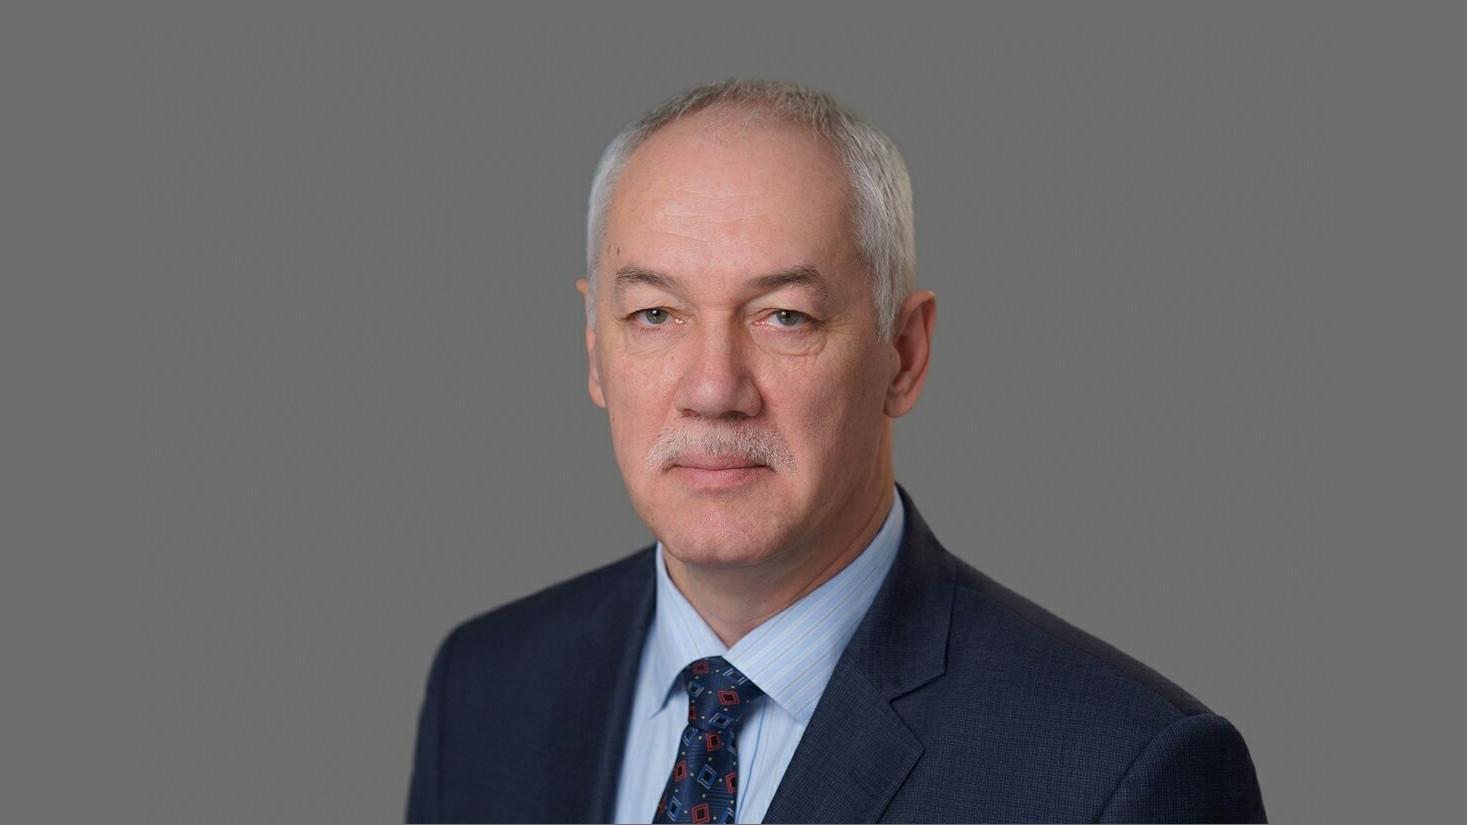 Председатель Думы Владивостока Андрей Брик поздравляет с Днем России